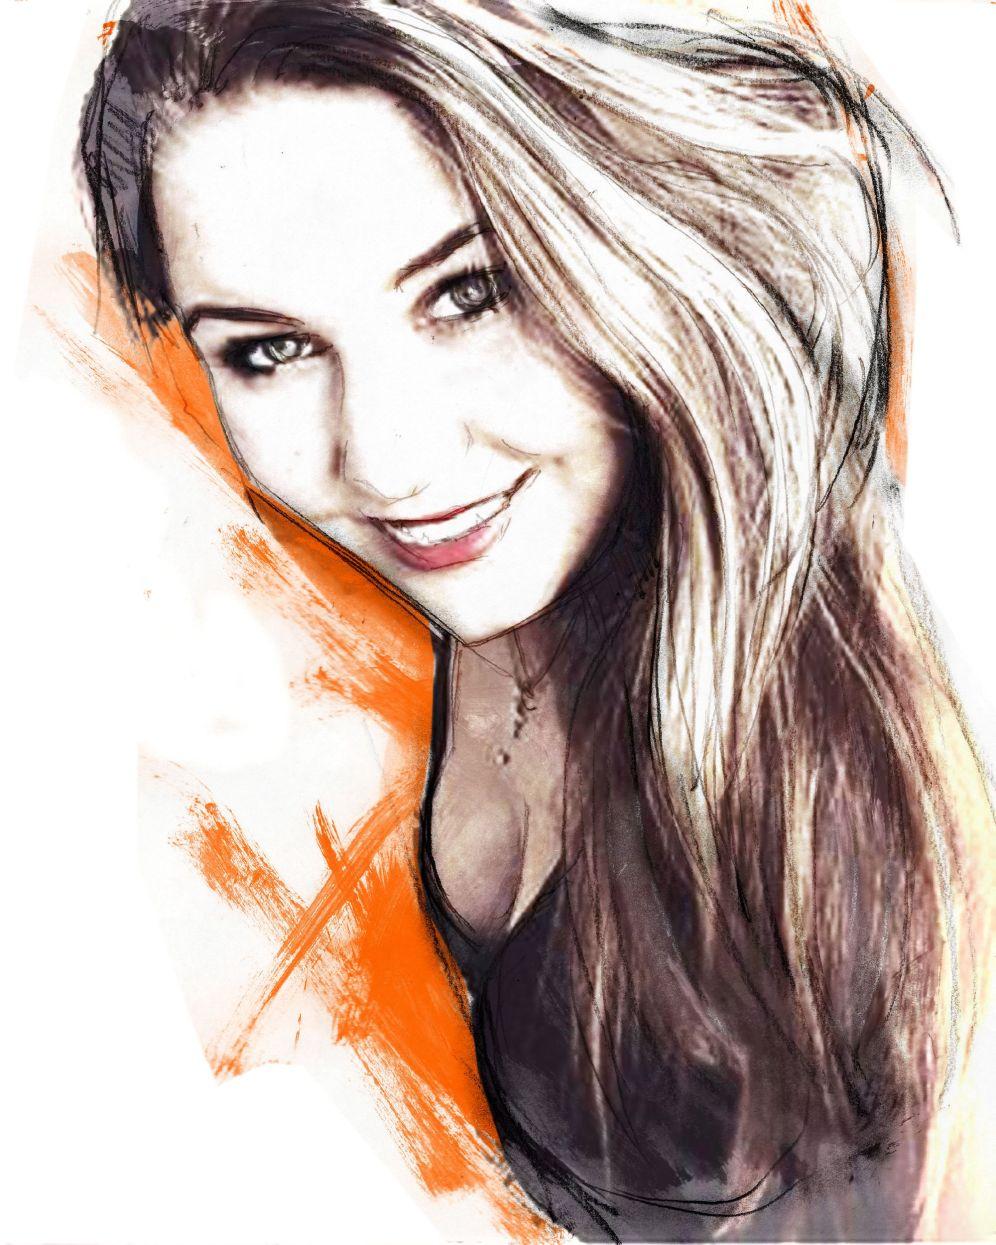 Sarah Kwidzinskix2